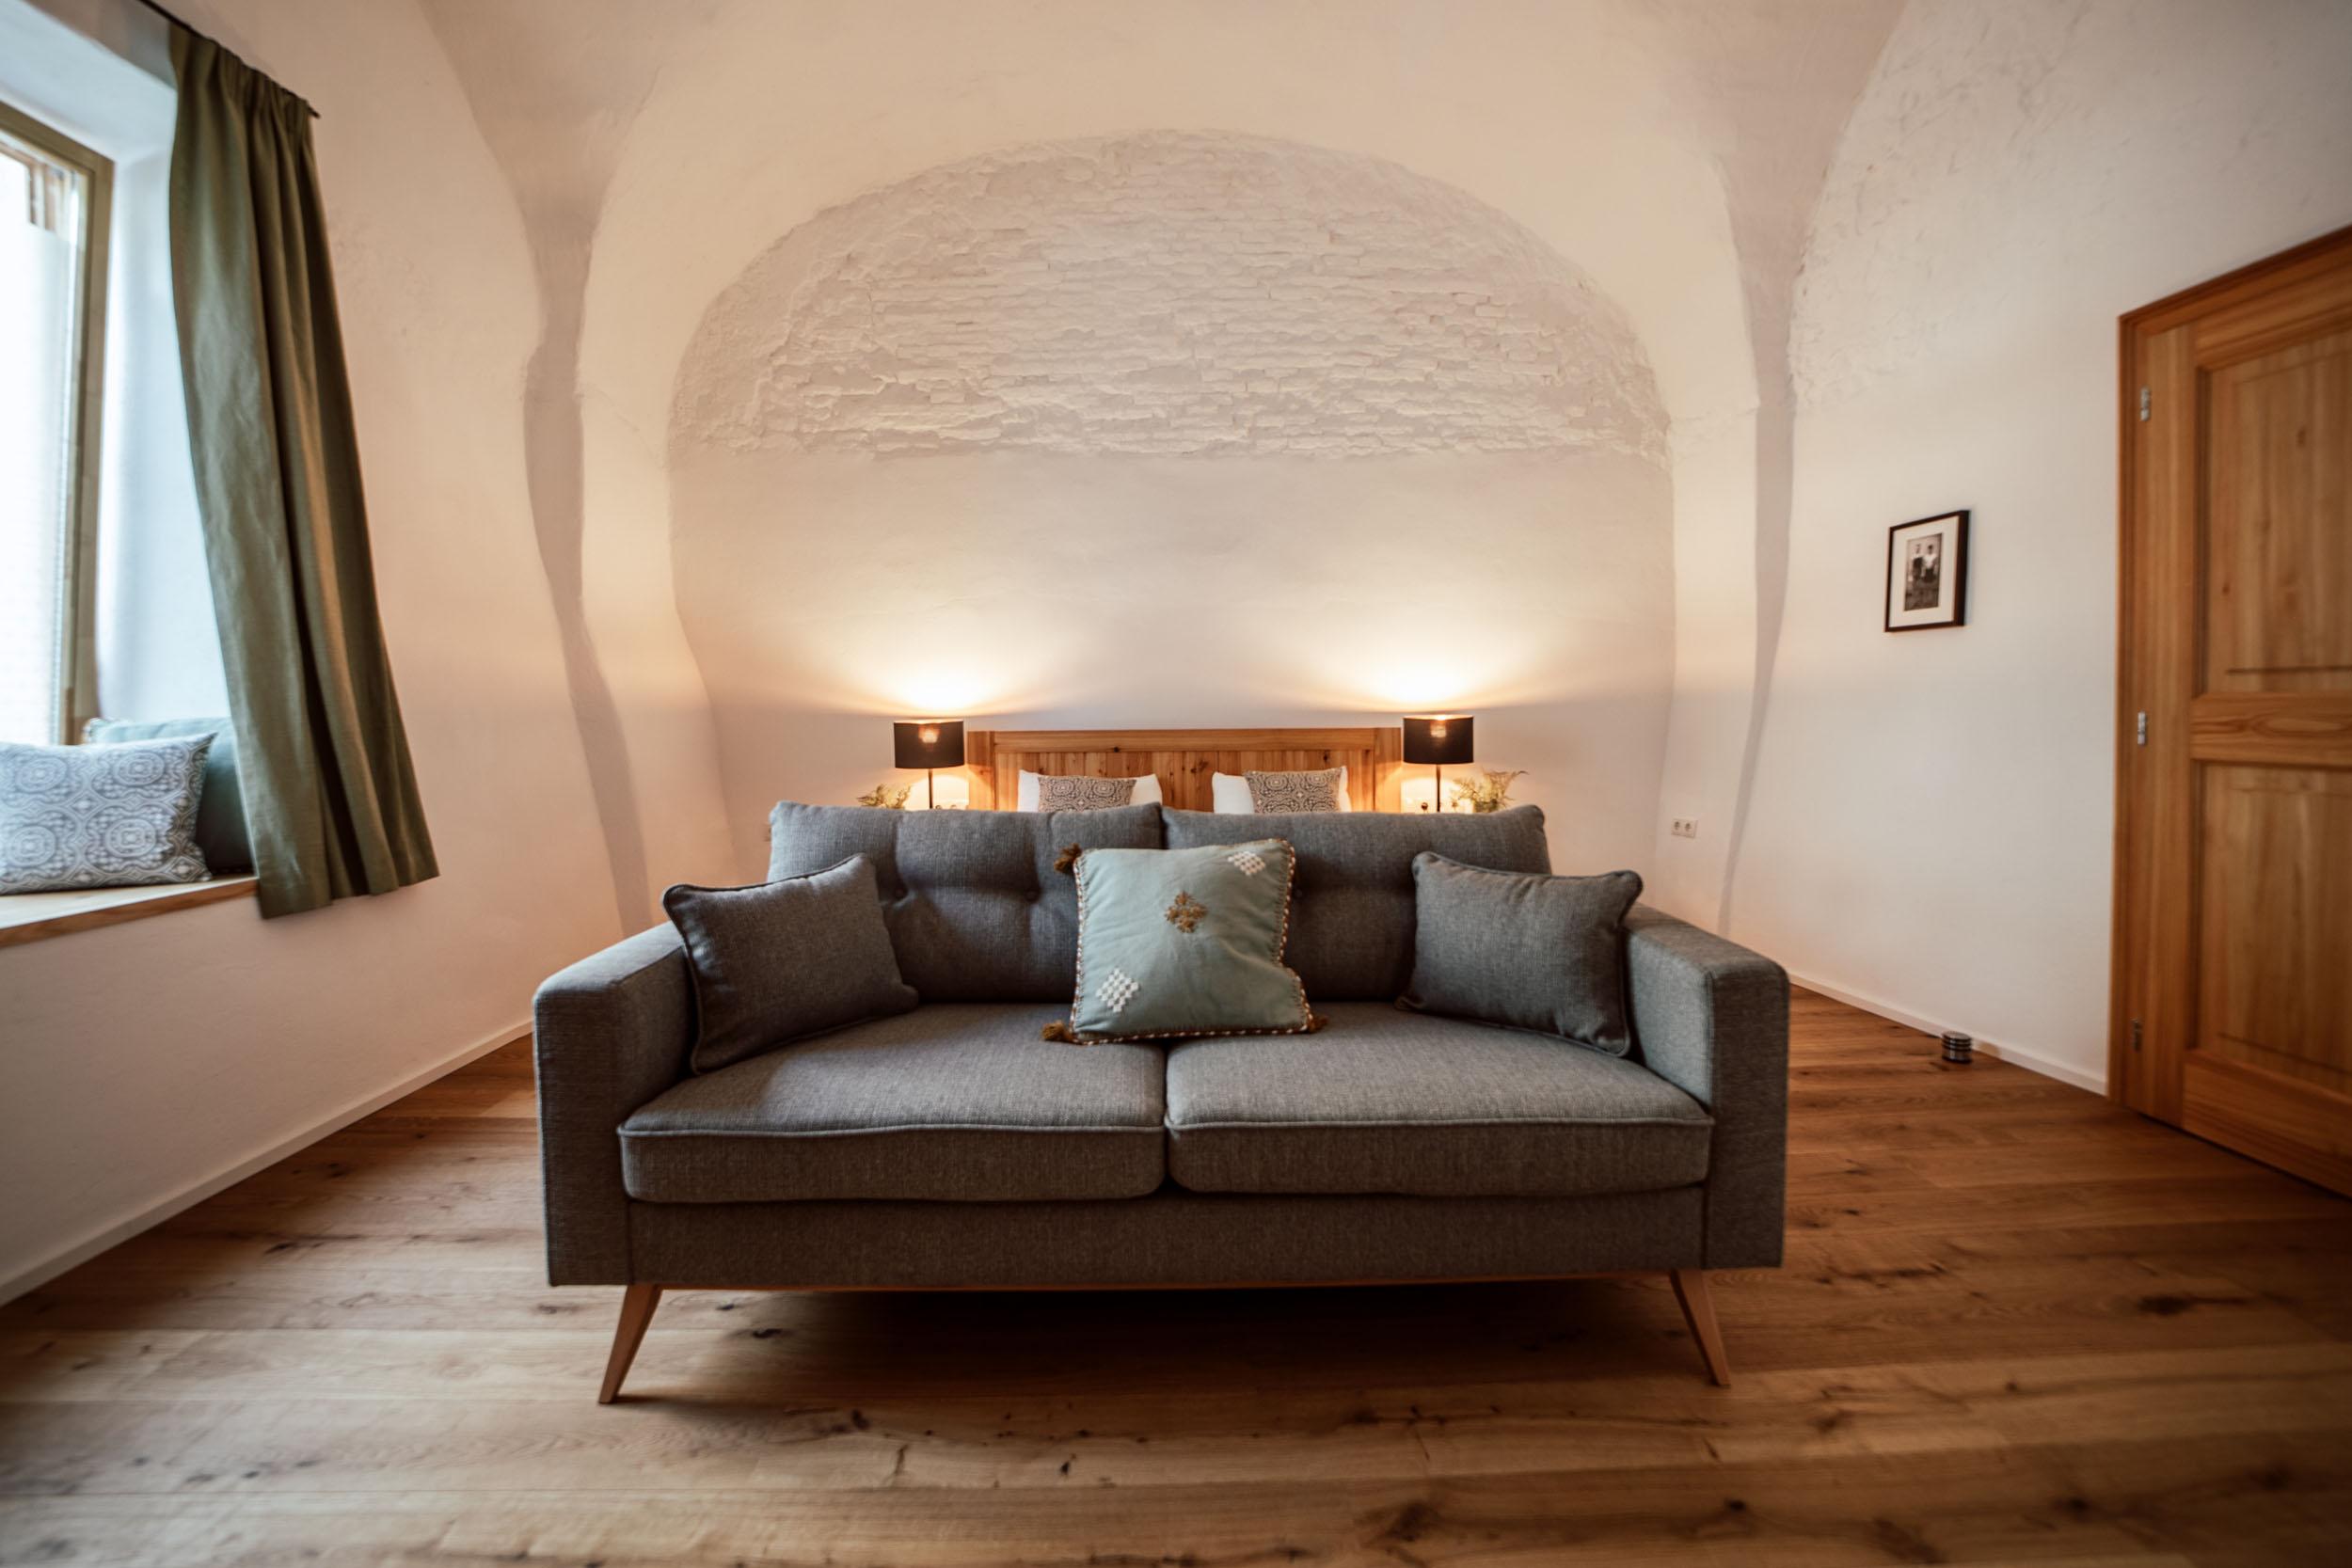 002 Wohn Titel airbnb